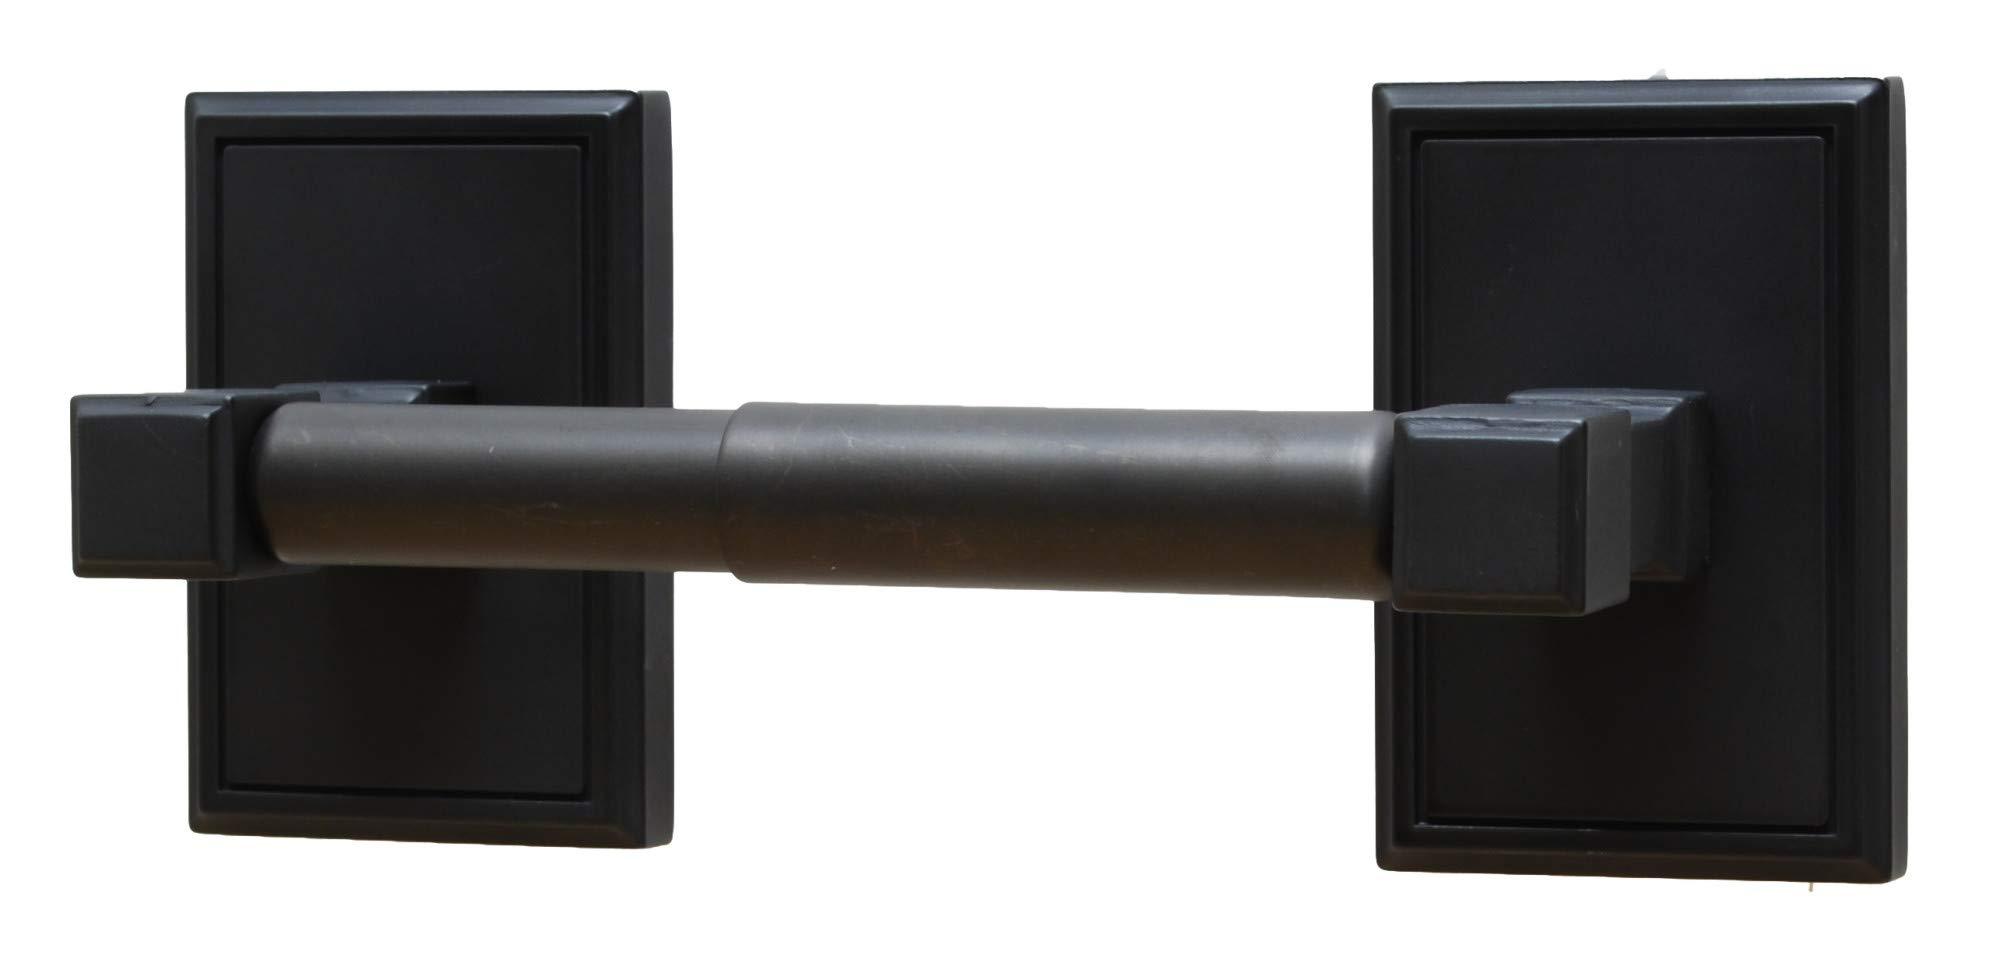 Residential Essentials 2508BK Hamilton Standard Tissue Holder, 9'' x 3.75'', Black